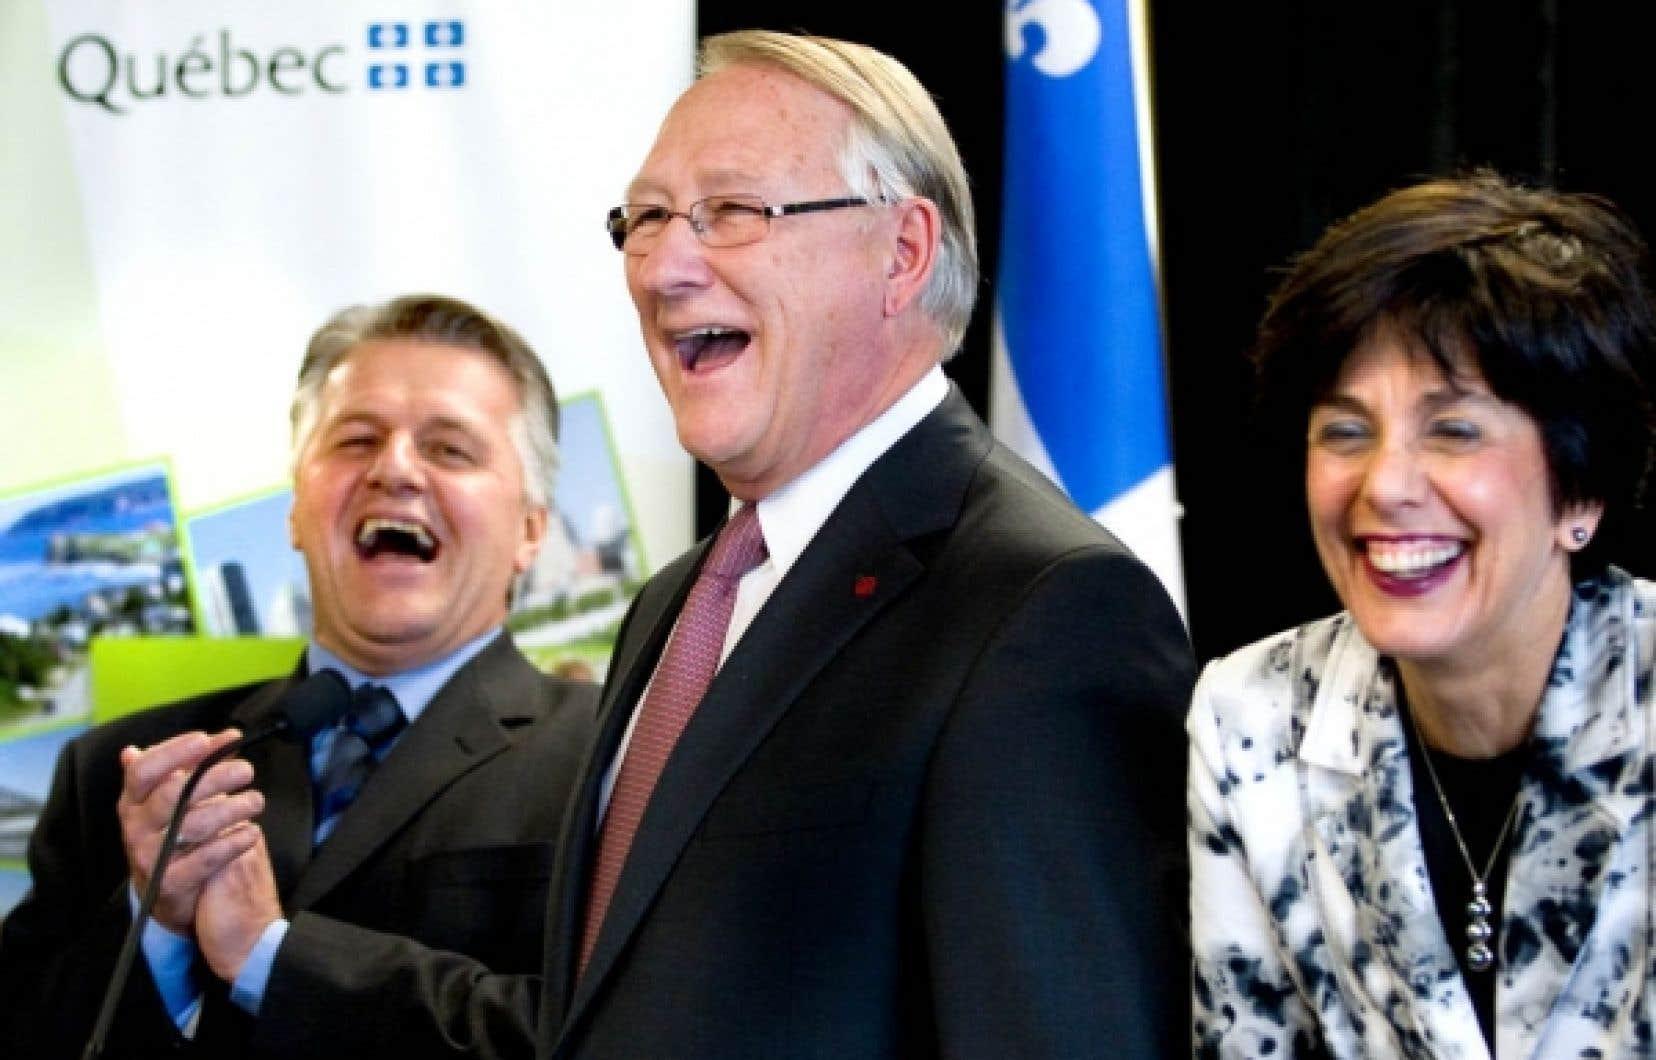 Le ministre des Affaires municipales, Laurent Lessard, le maire de Montr&eacute;al, G&eacute;rald Tremblay, et la pr&eacute;sidente du Conseil du tr&eacute;sor, Michelle Courchesne, &eacute;taient visiblement heureux d&rsquo;officialiser le PMAD.<br />